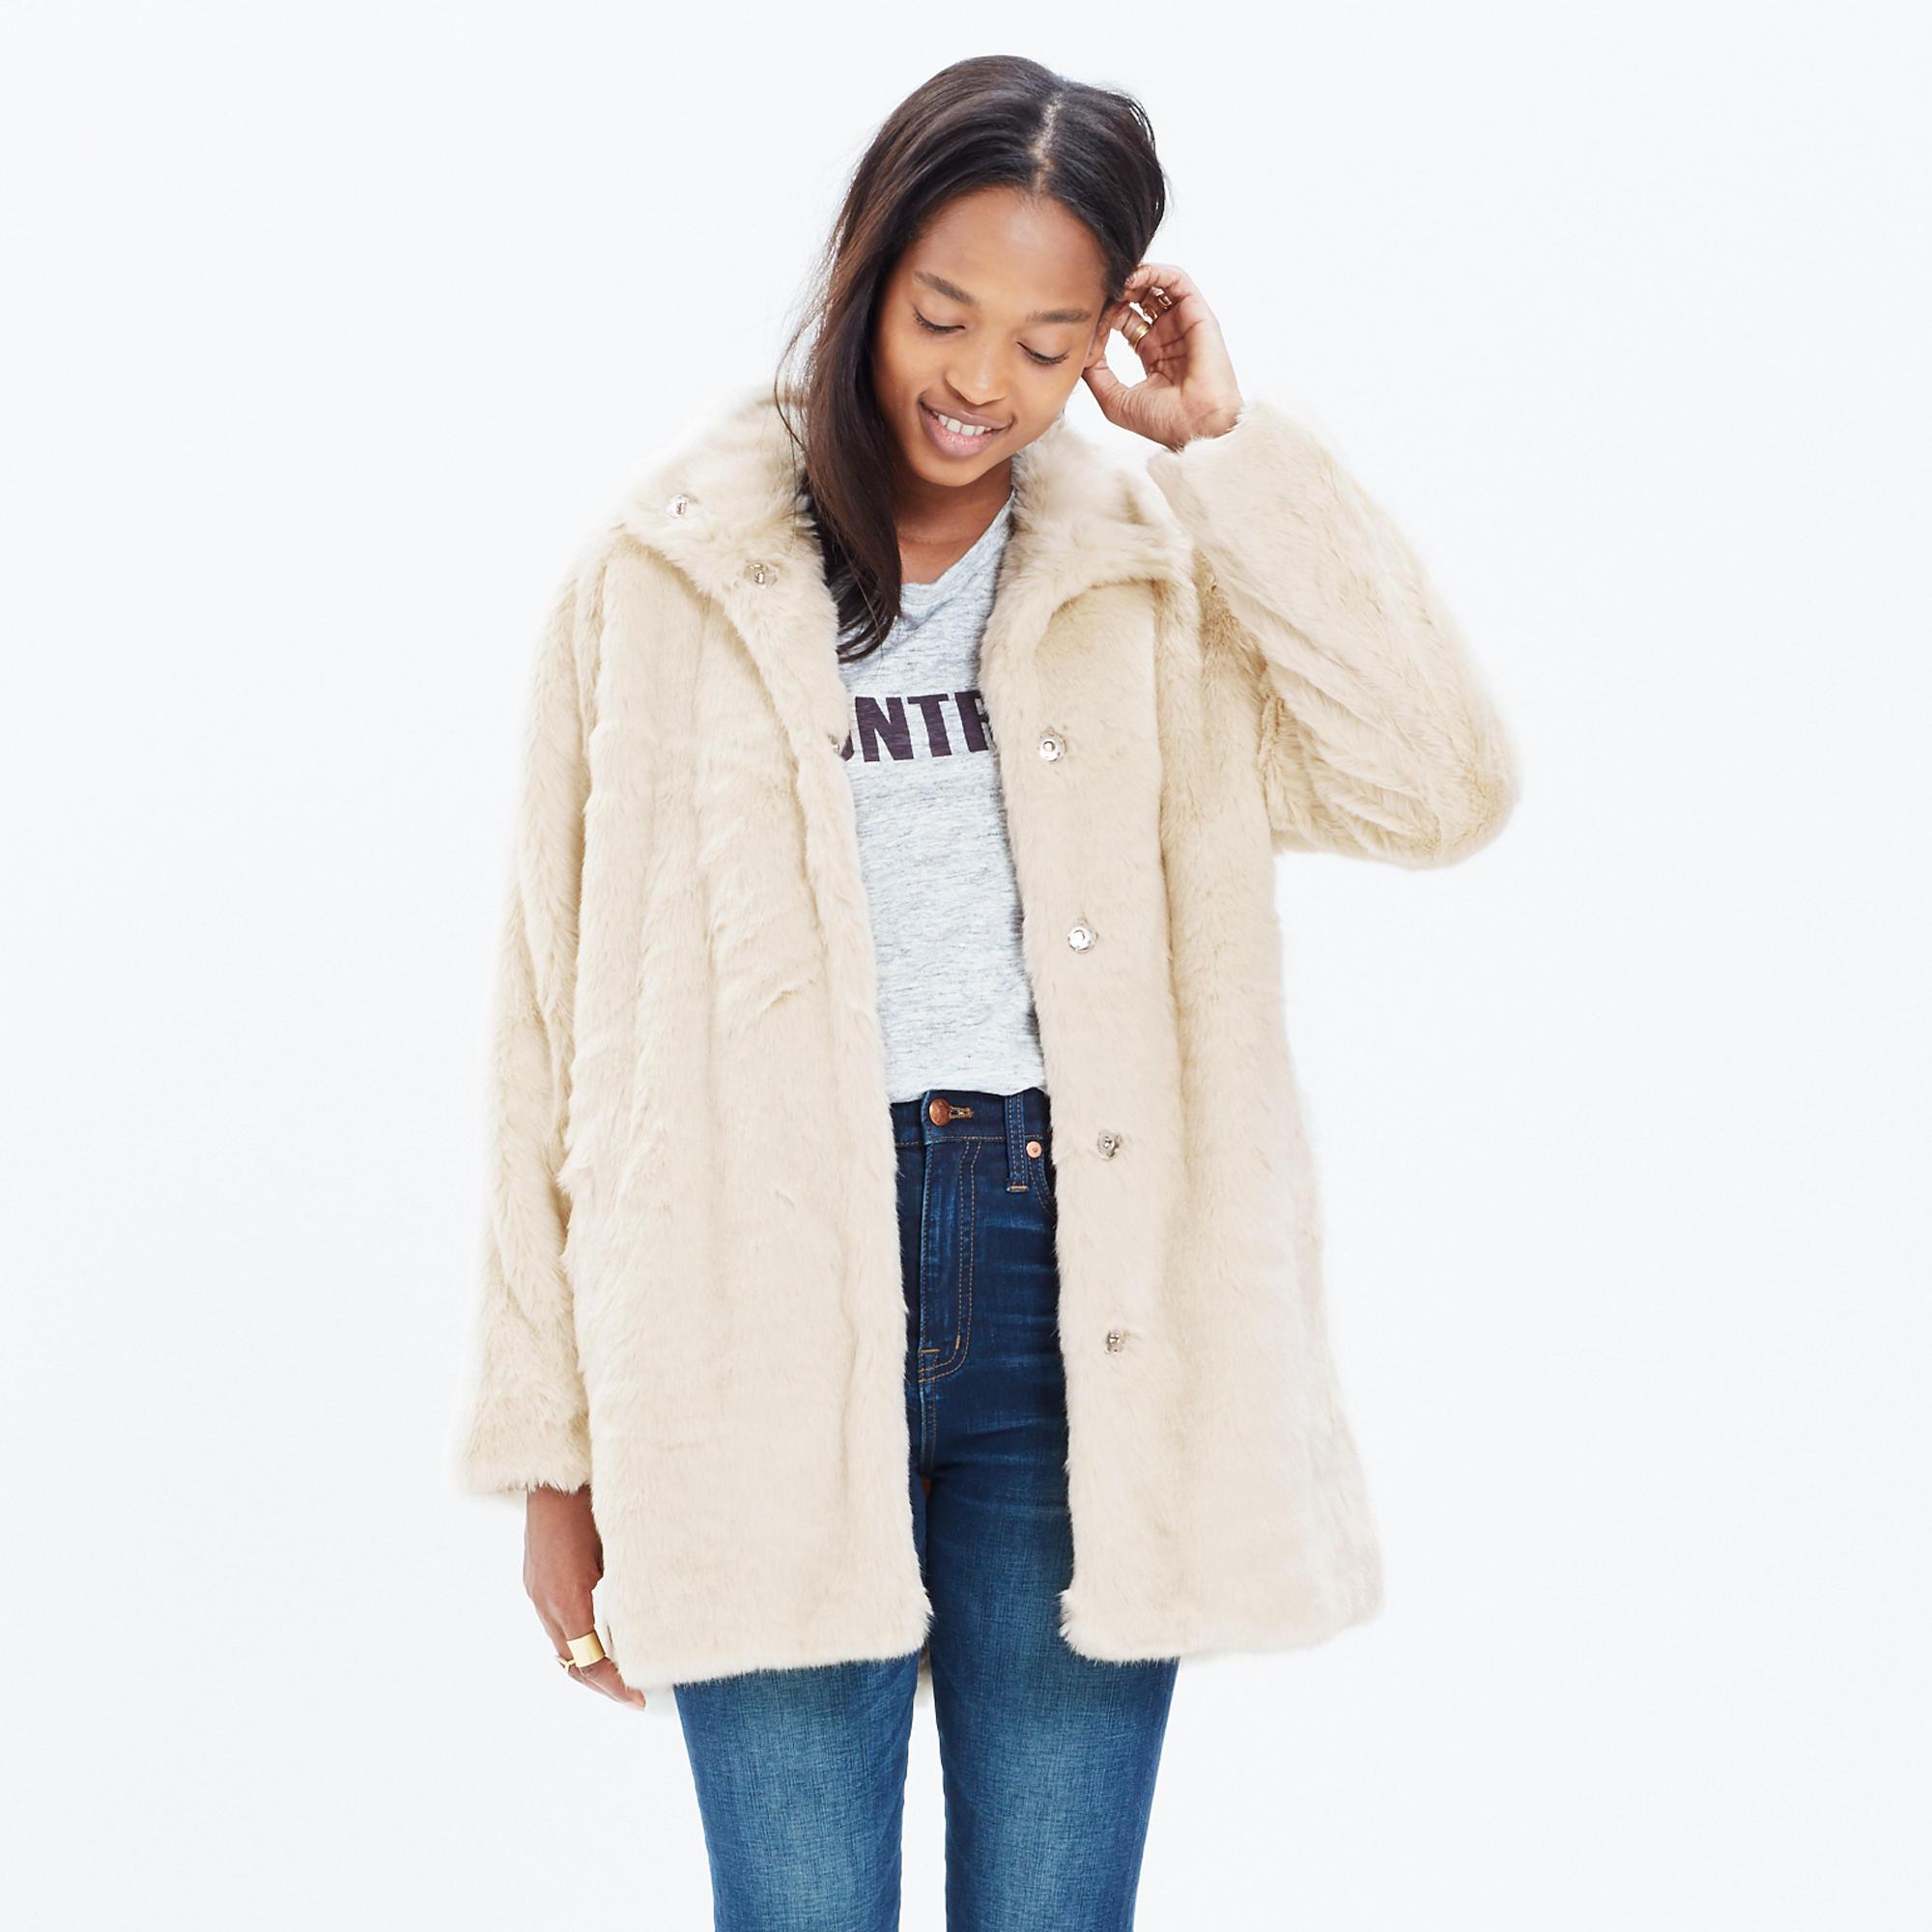 Stagedoor Faux-Fur Coat : coats | Madewell